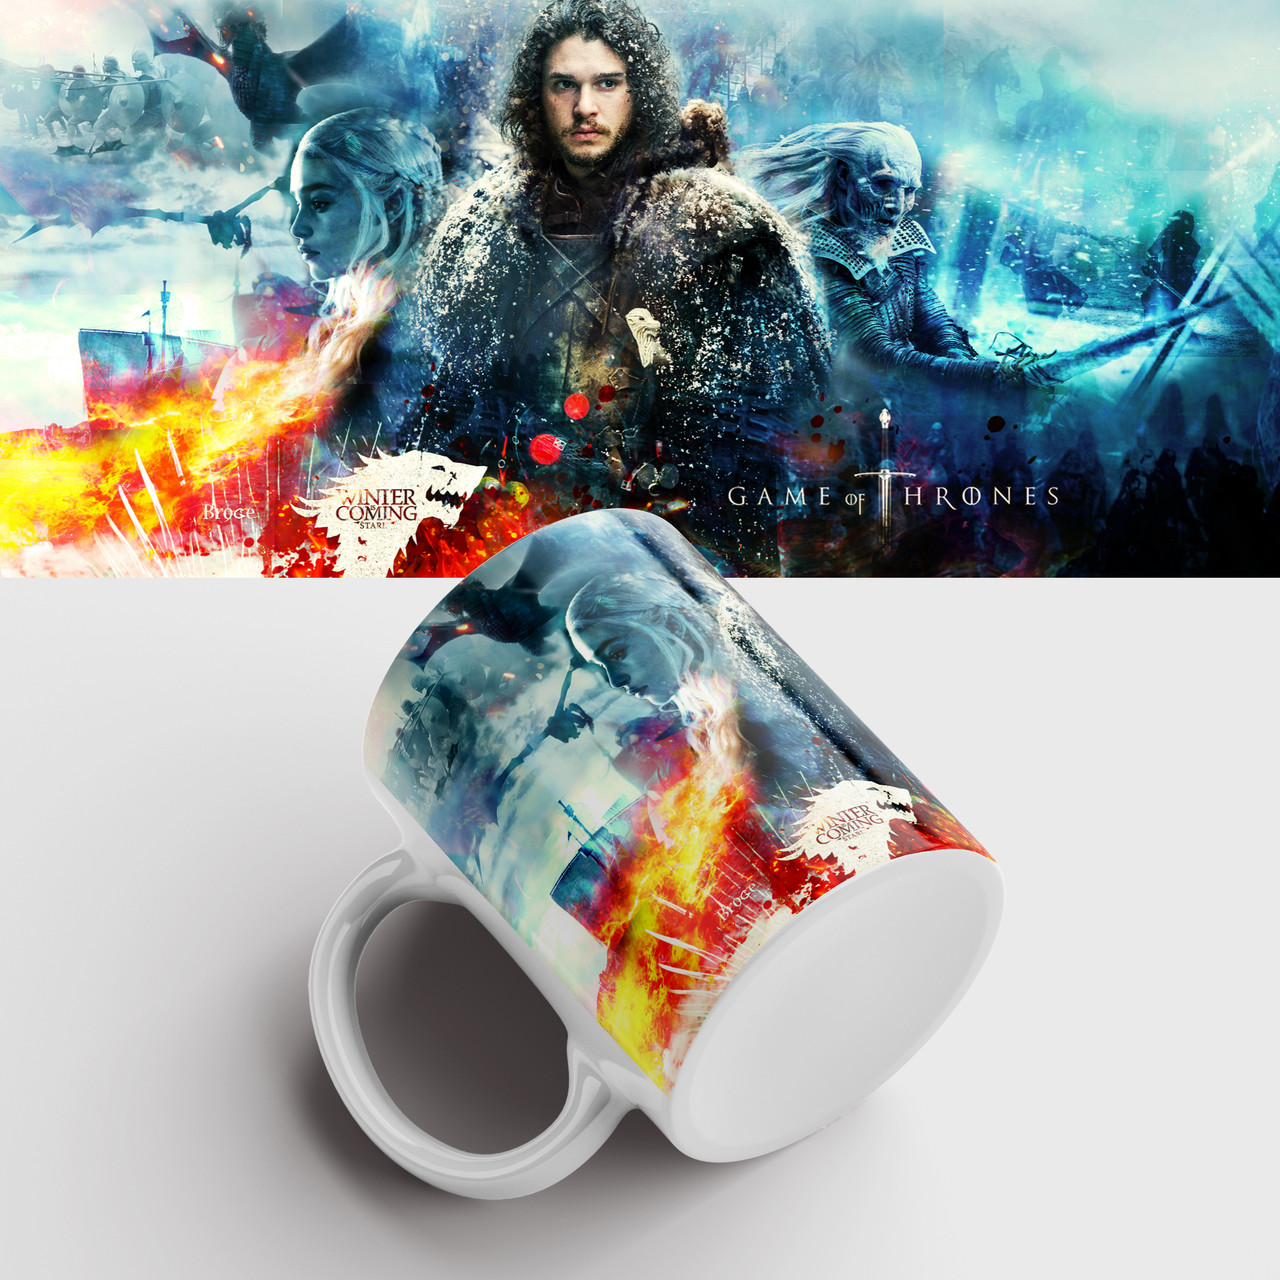 Чашка з принтом Гра престолів. Гра Престолів. Game of Thrones. Чашка з принтом